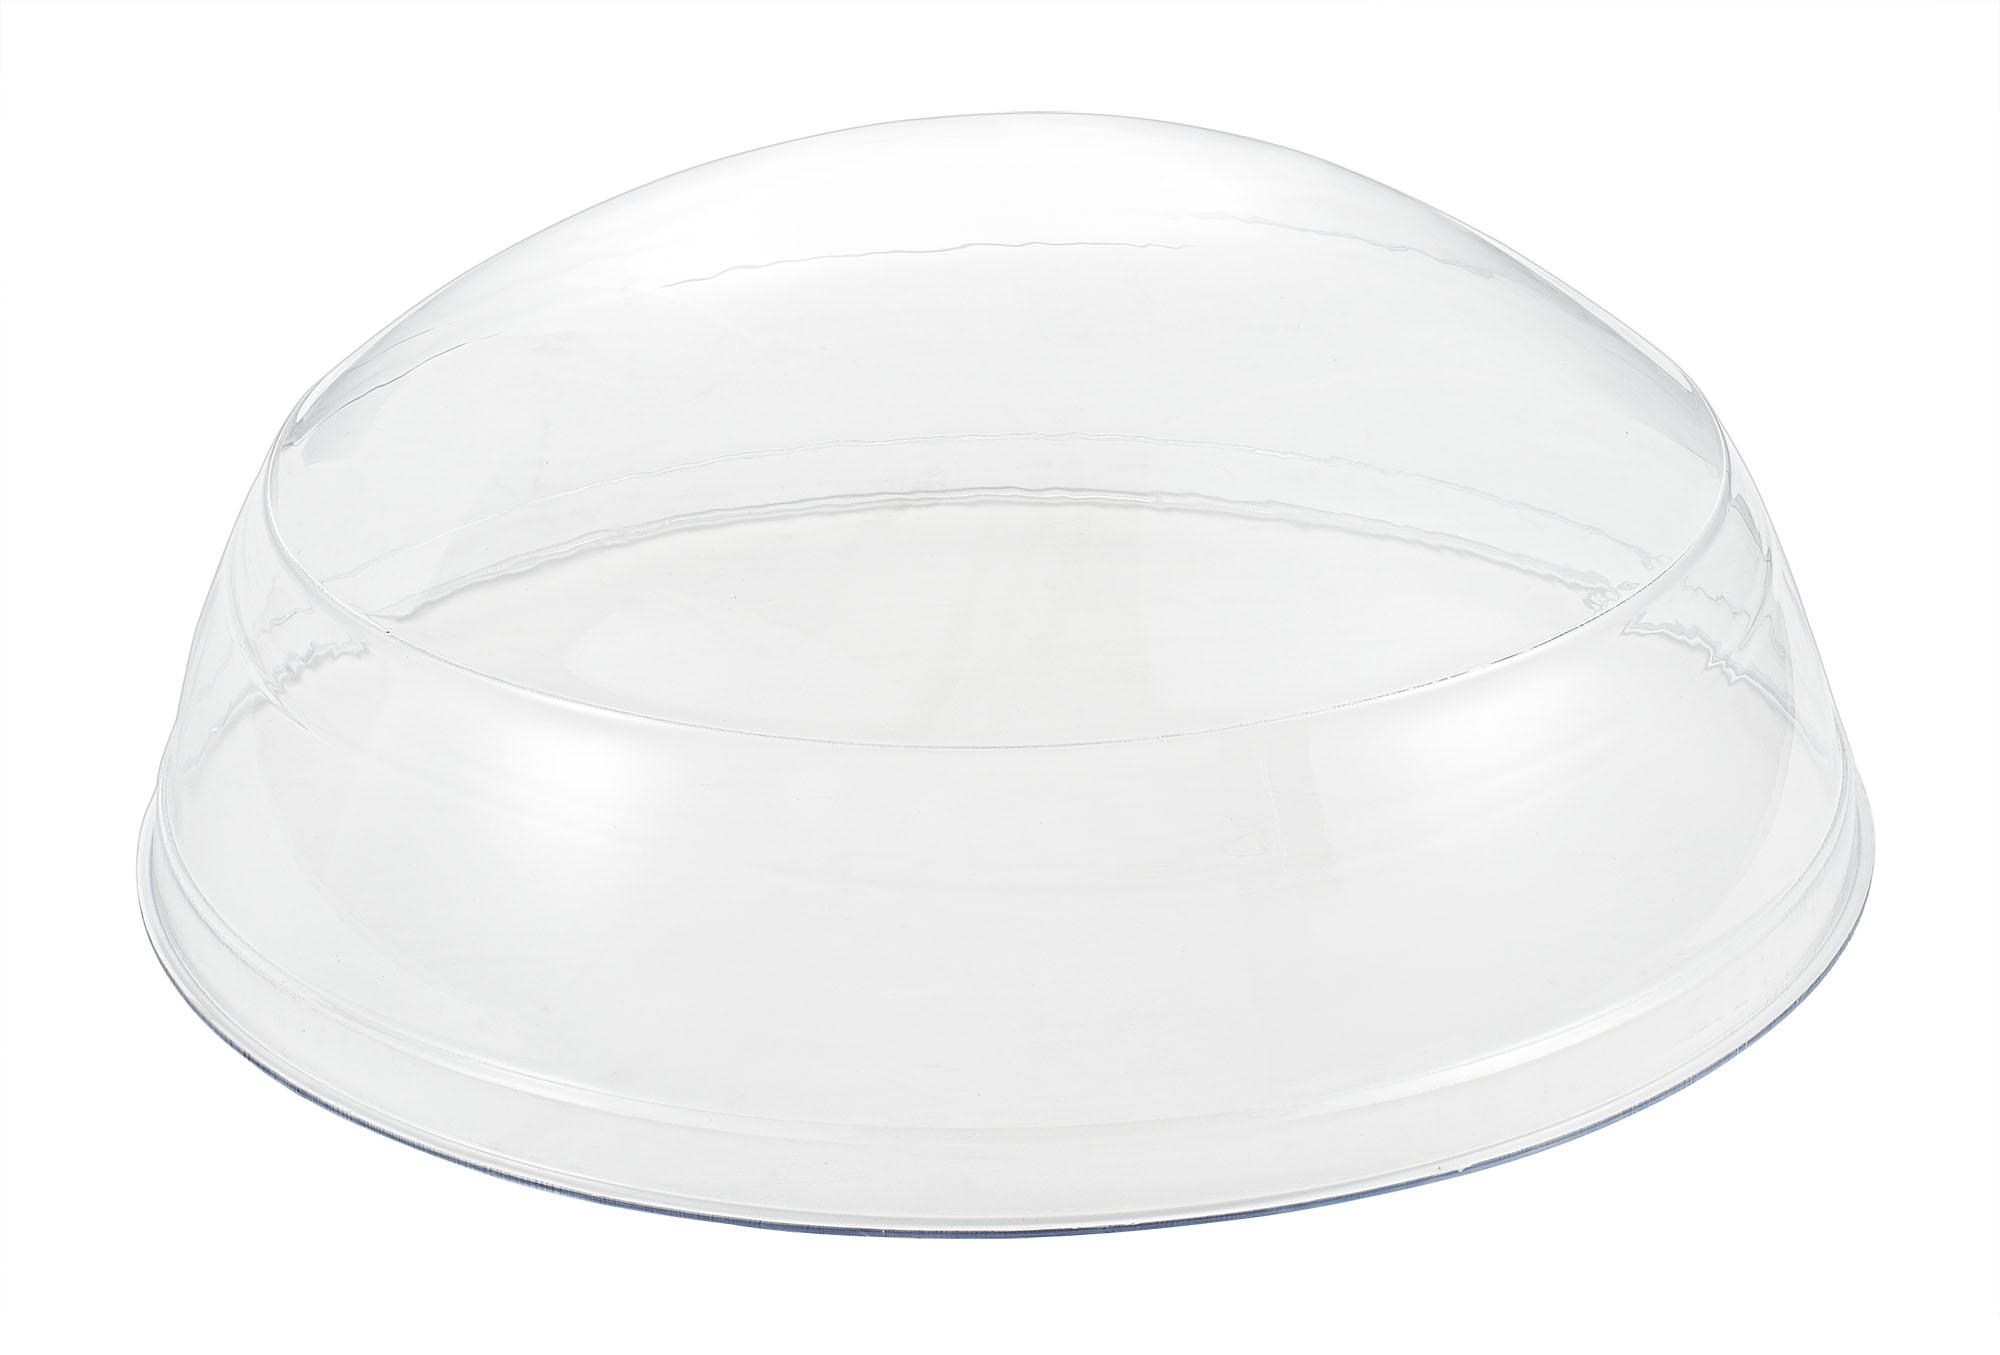 半球形采光罩-无电照明系统